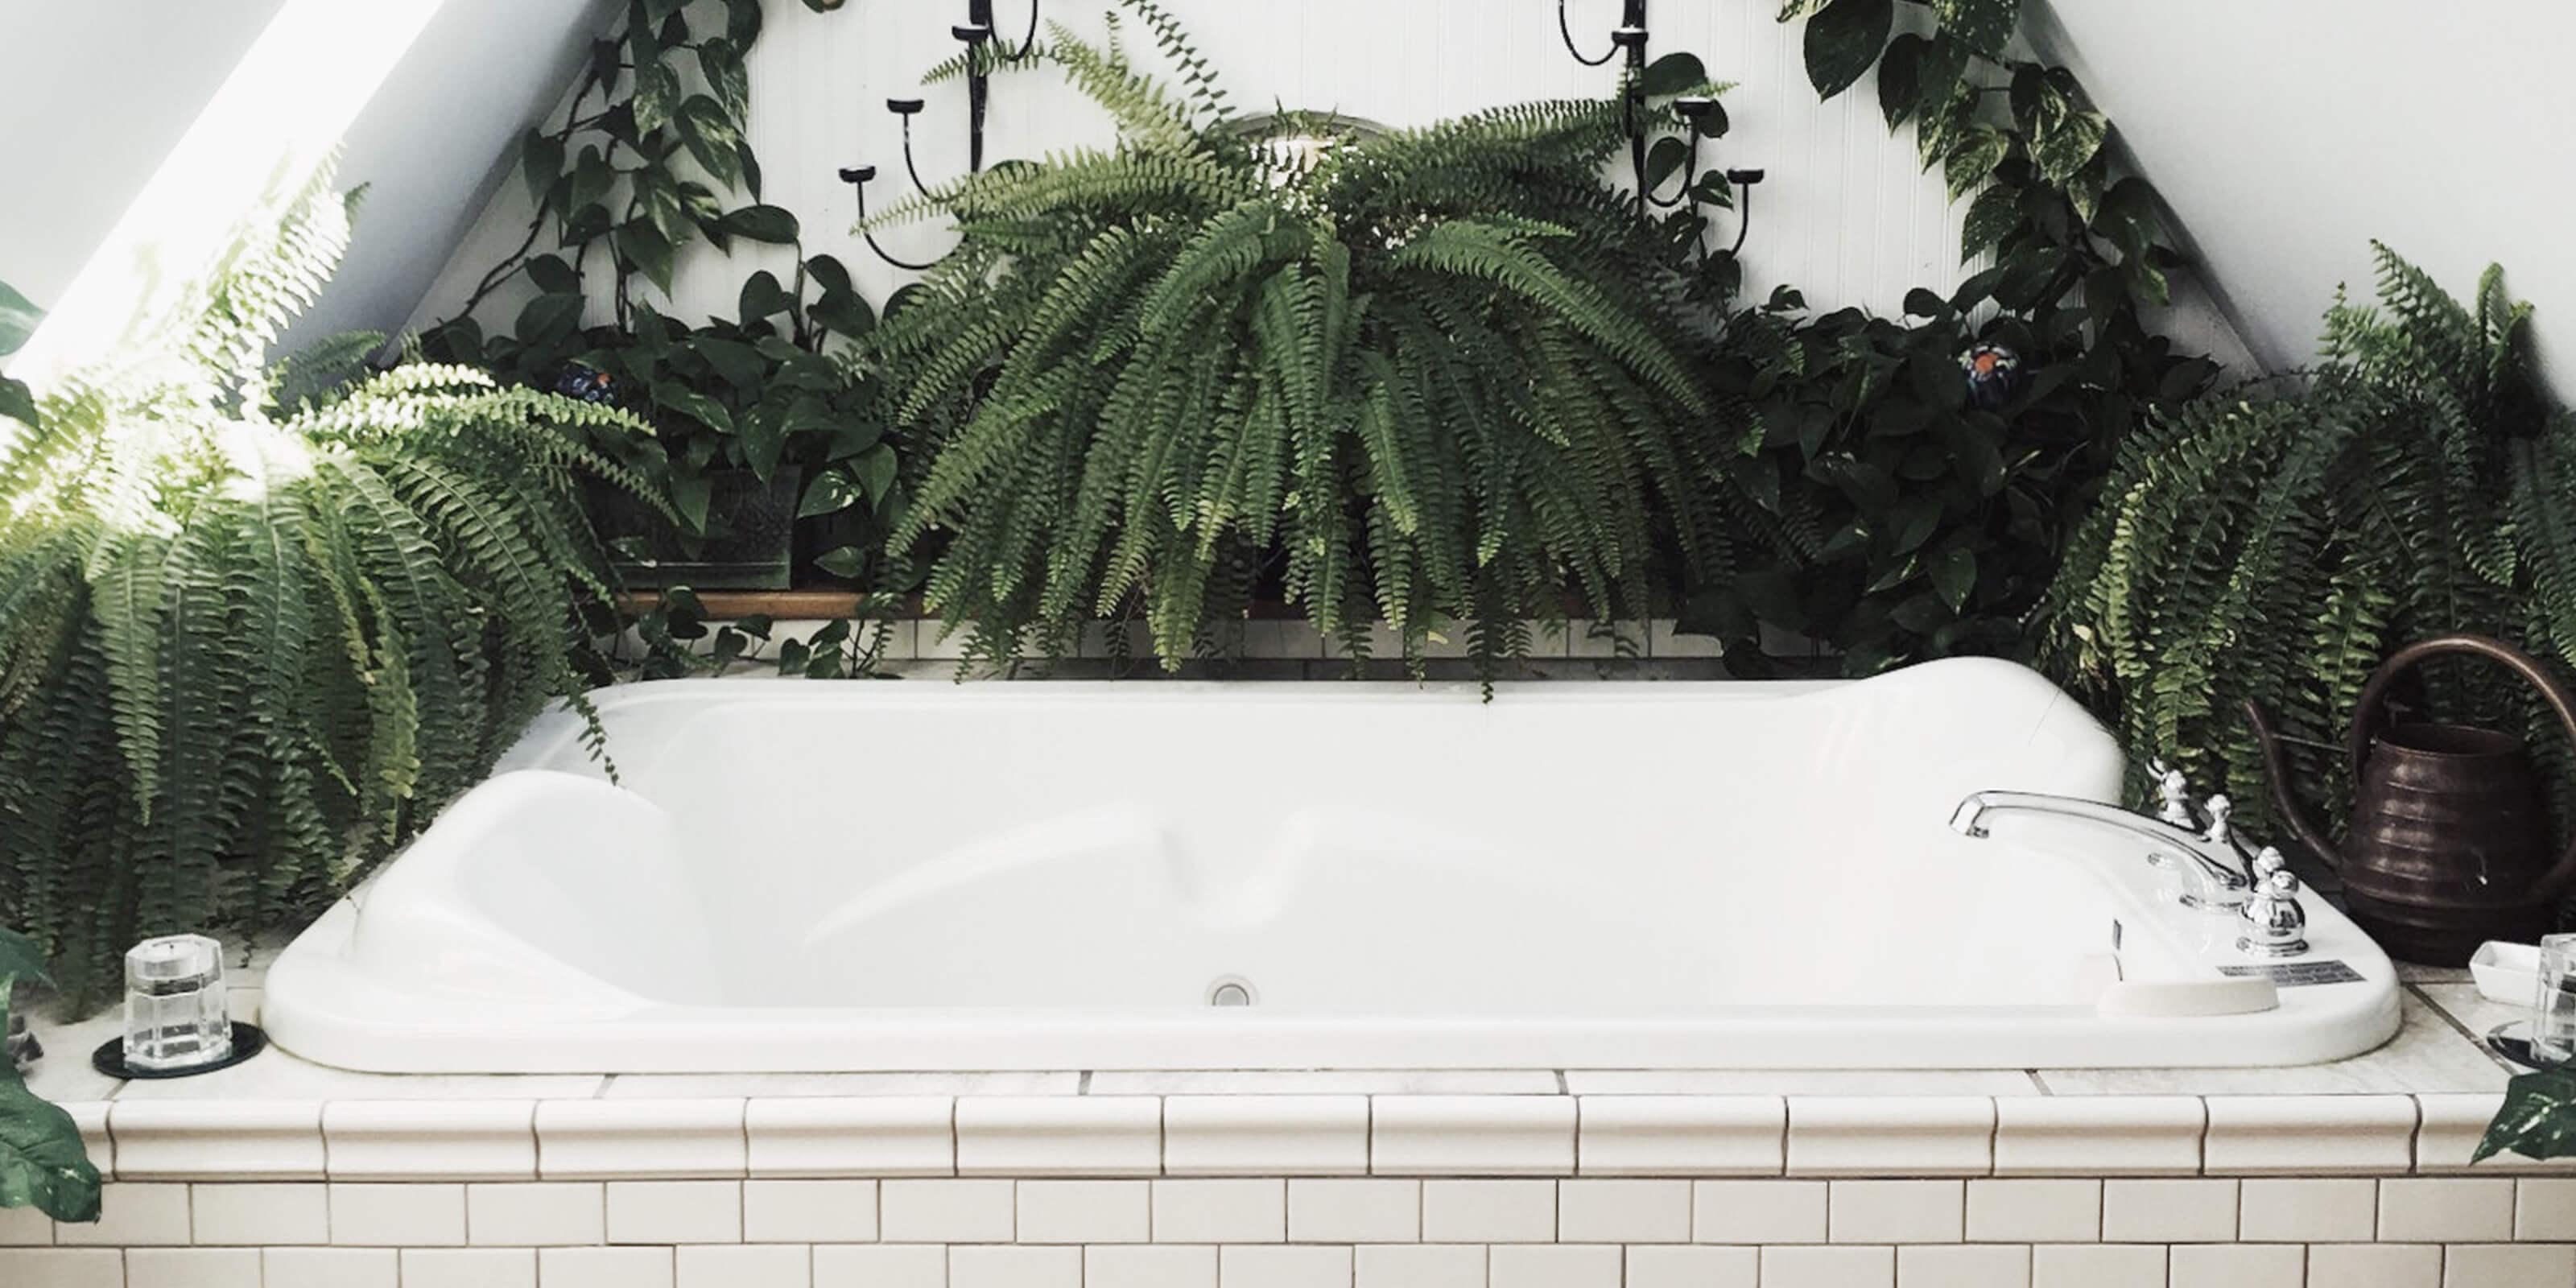 bathtub, plants